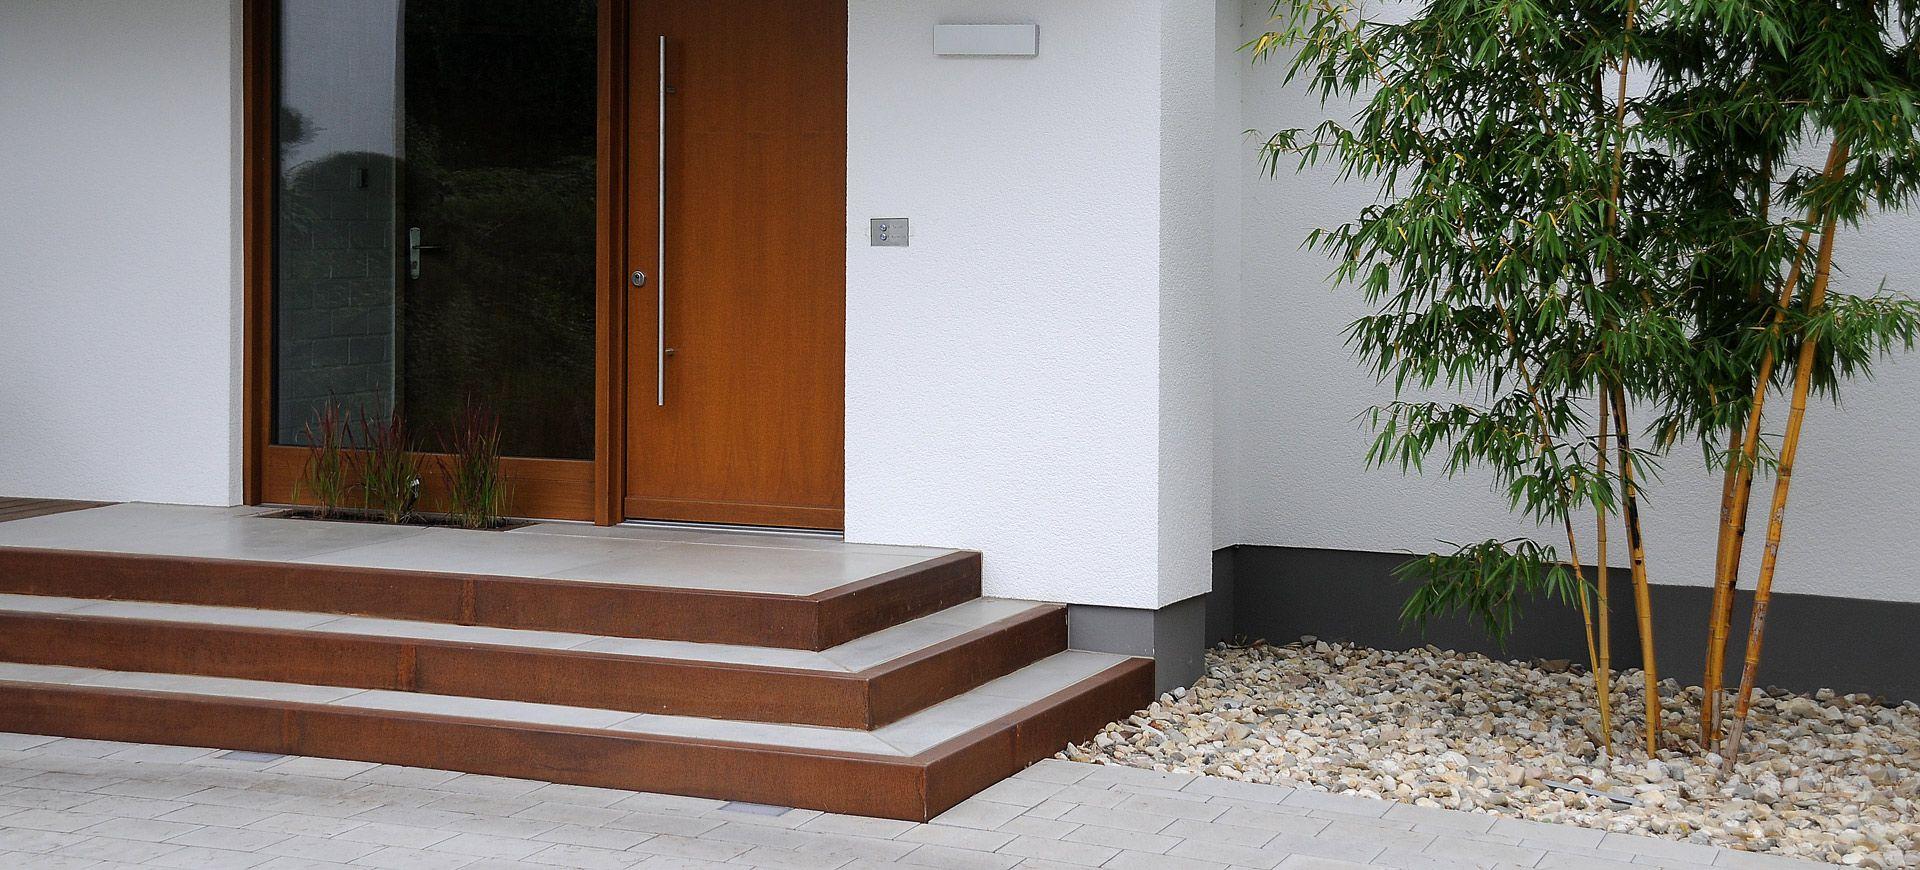 treppe cortenstahl architektur und garten pinterest cortenstahl treppe und eingang. Black Bedroom Furniture Sets. Home Design Ideas